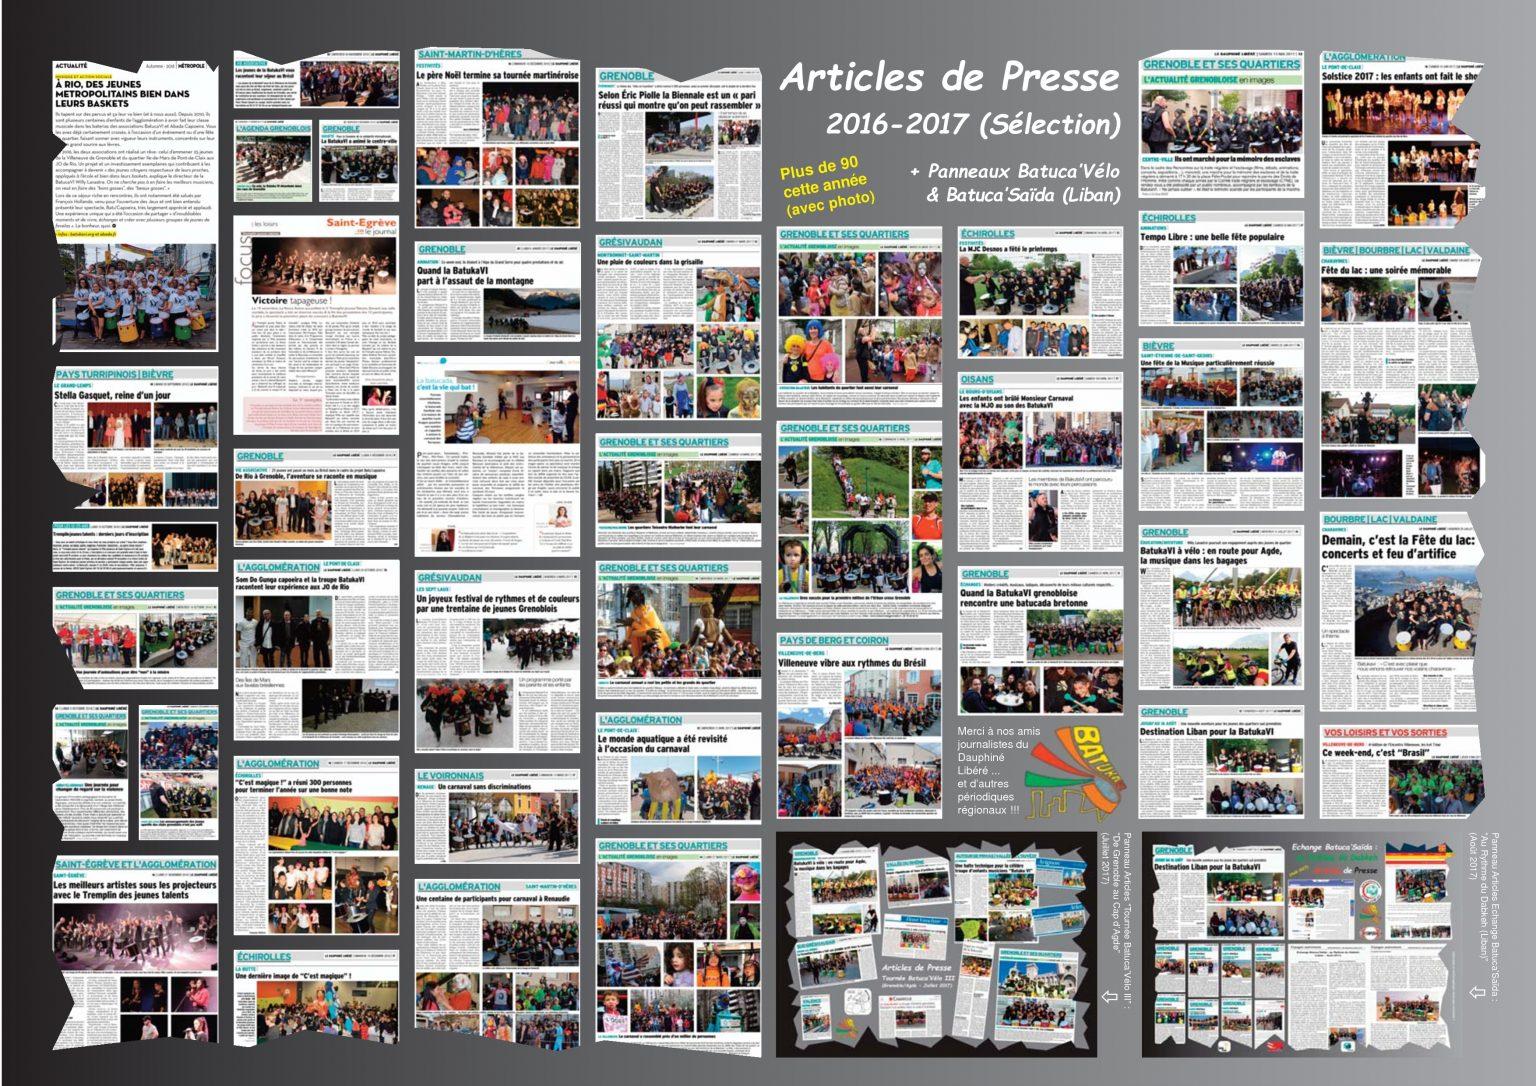 BatukaVI - Panneau Articles 2017-09 Année Scolaire 2016-2017